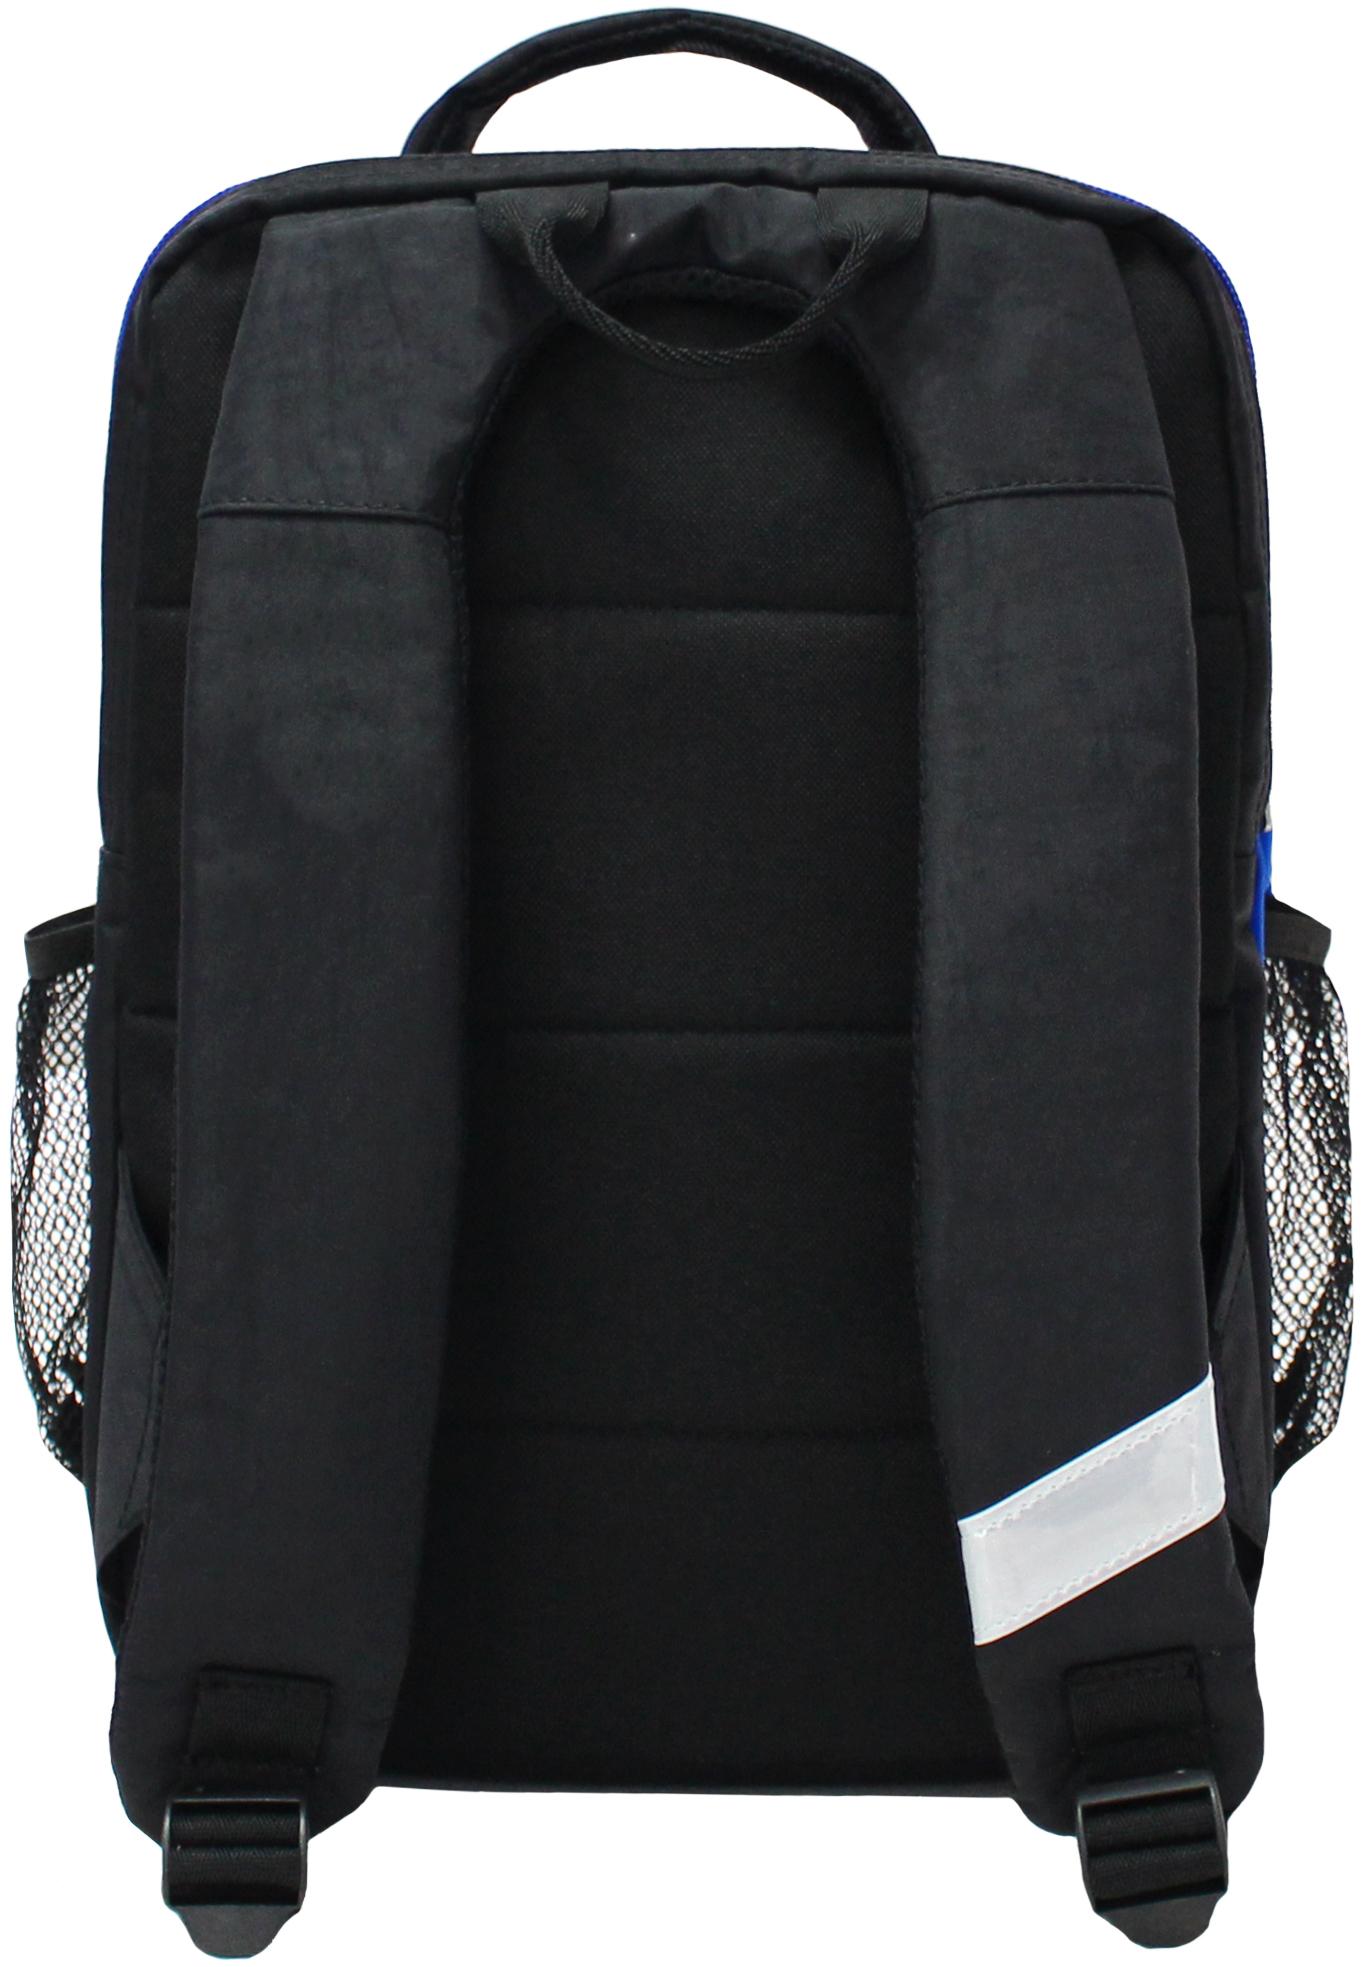 Рюкзак школьный Bagland Школьник 8 л. чорний 3 м (00112702)